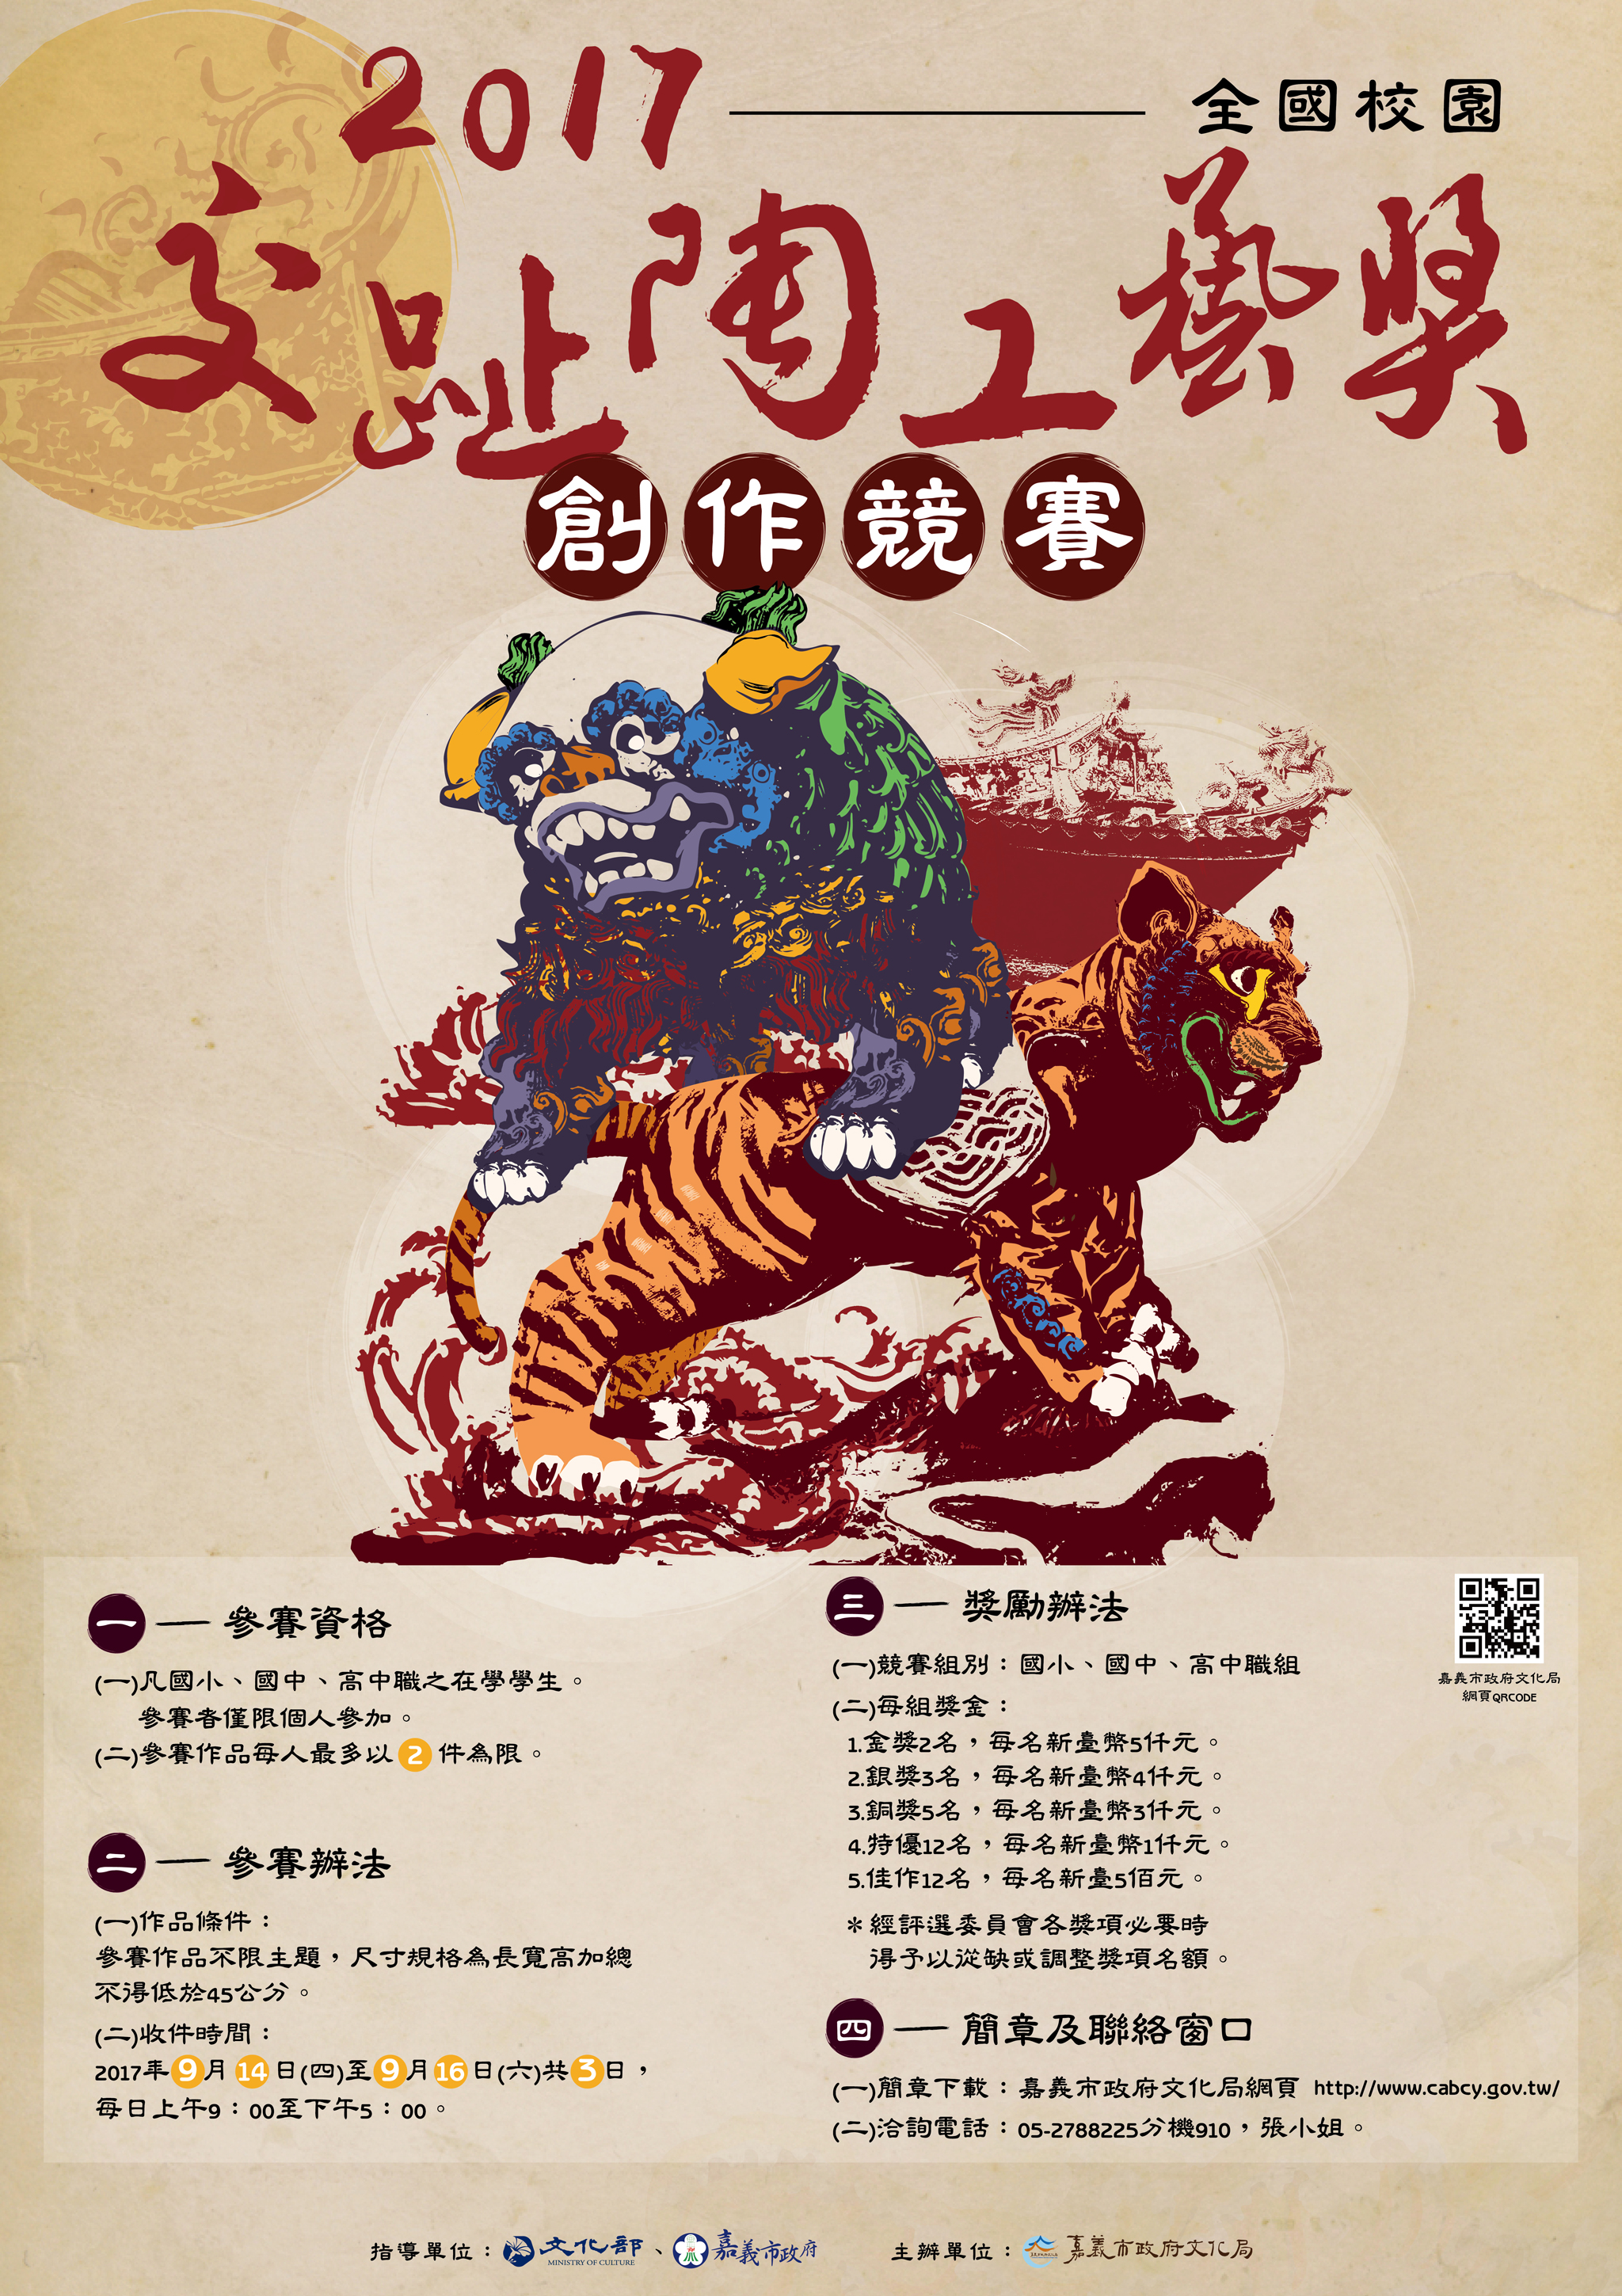 2017全國校園交趾陶工藝獎